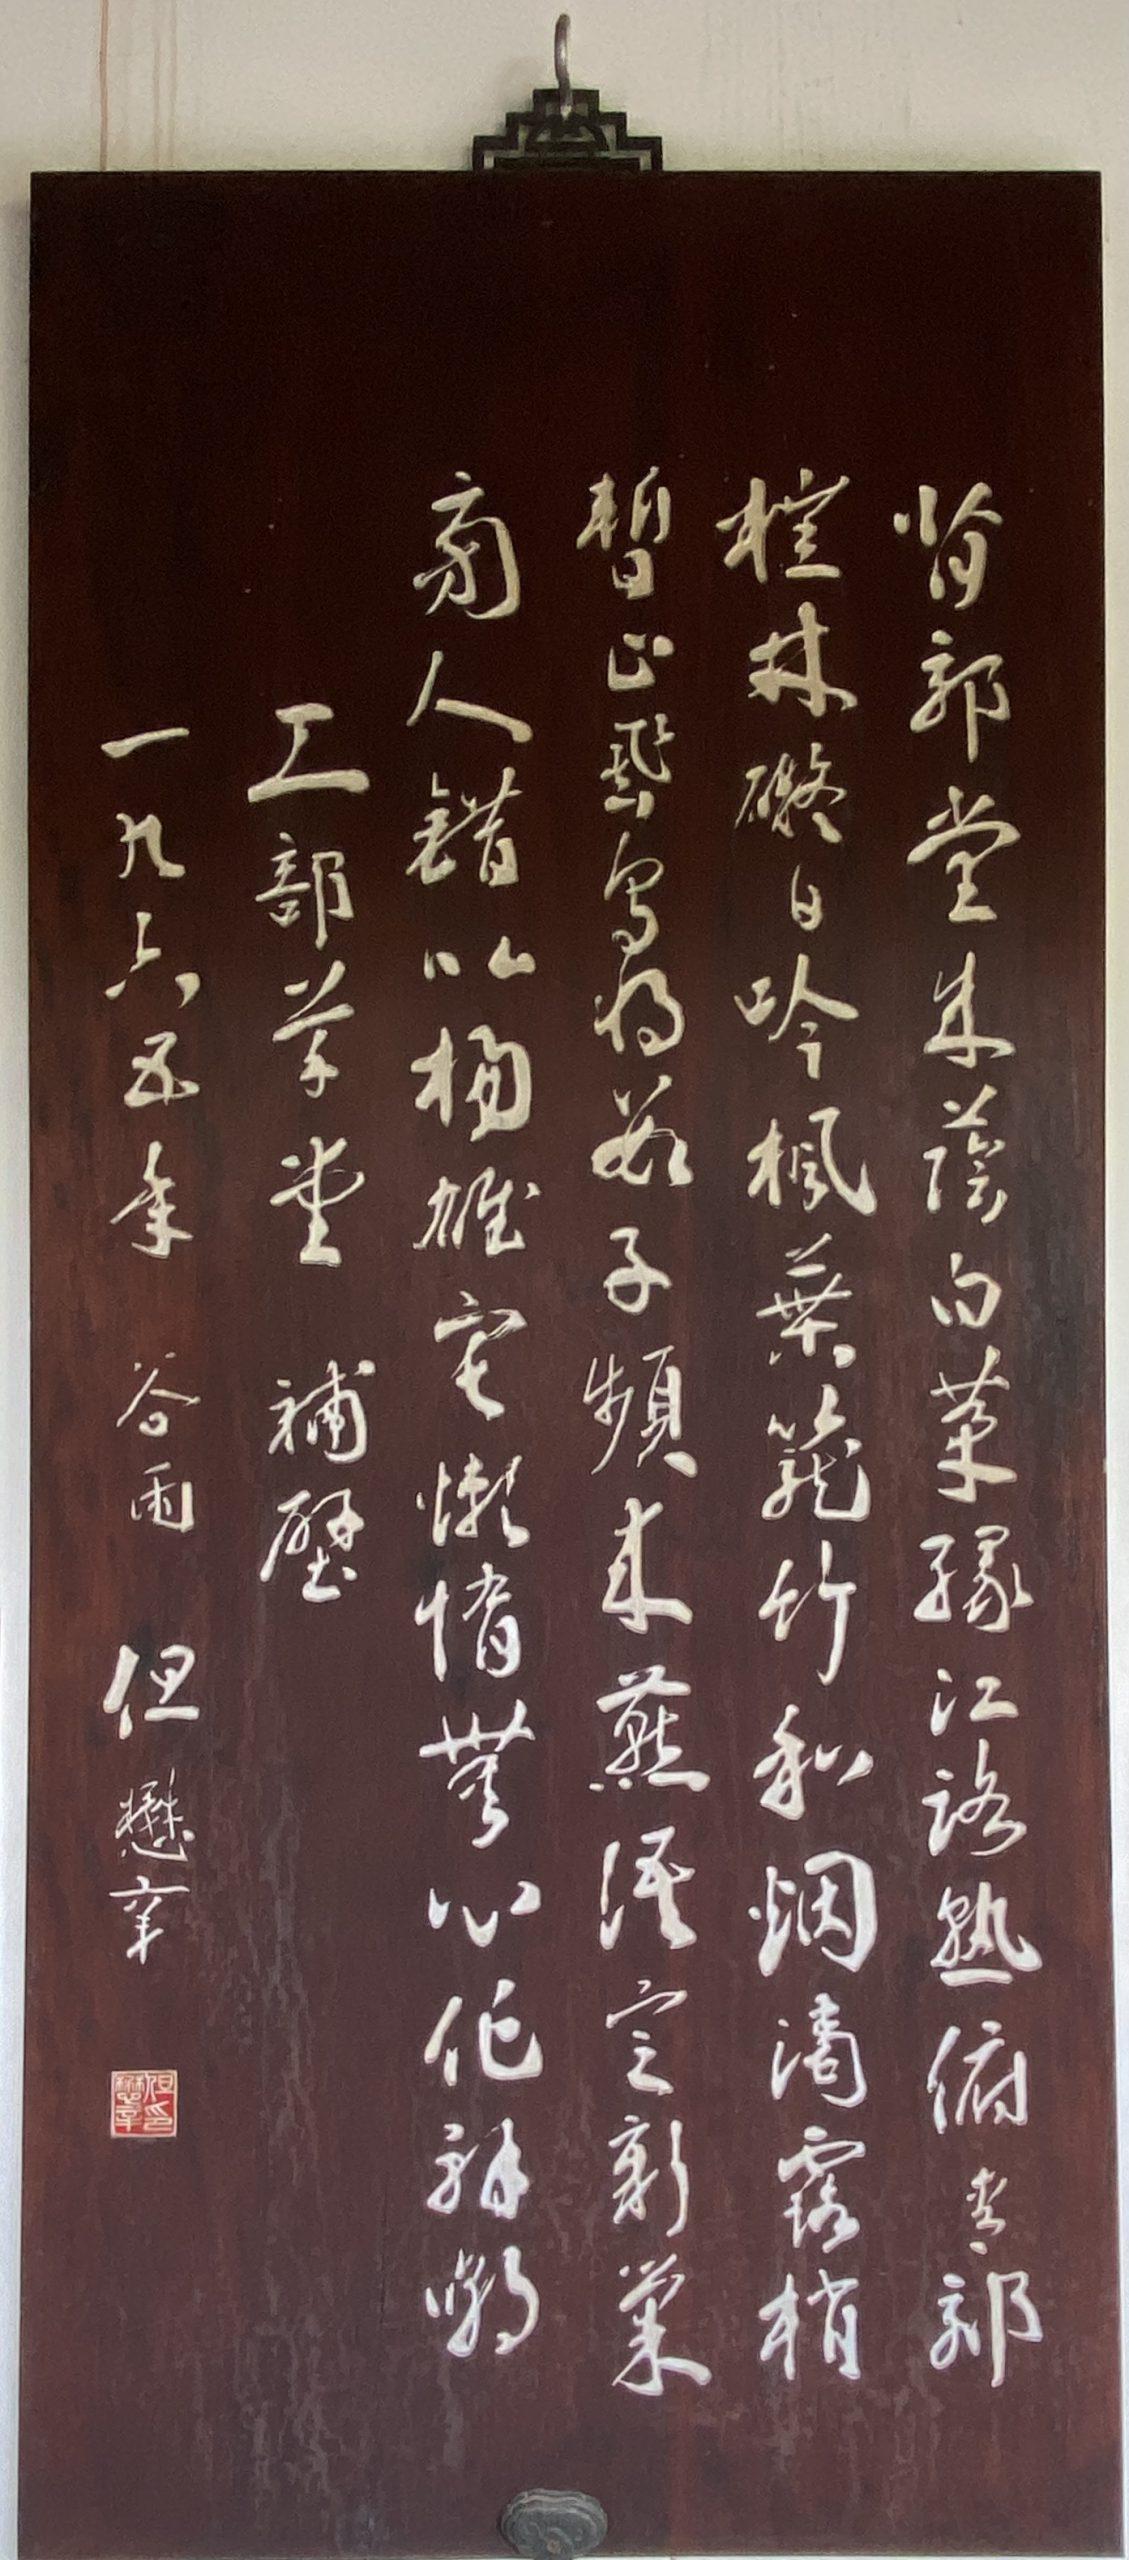 堂成-唐時代・杜甫-杜詩書法木刻廊-浣花溪公園-成都杜甫草堂博物館-書:但懋辛